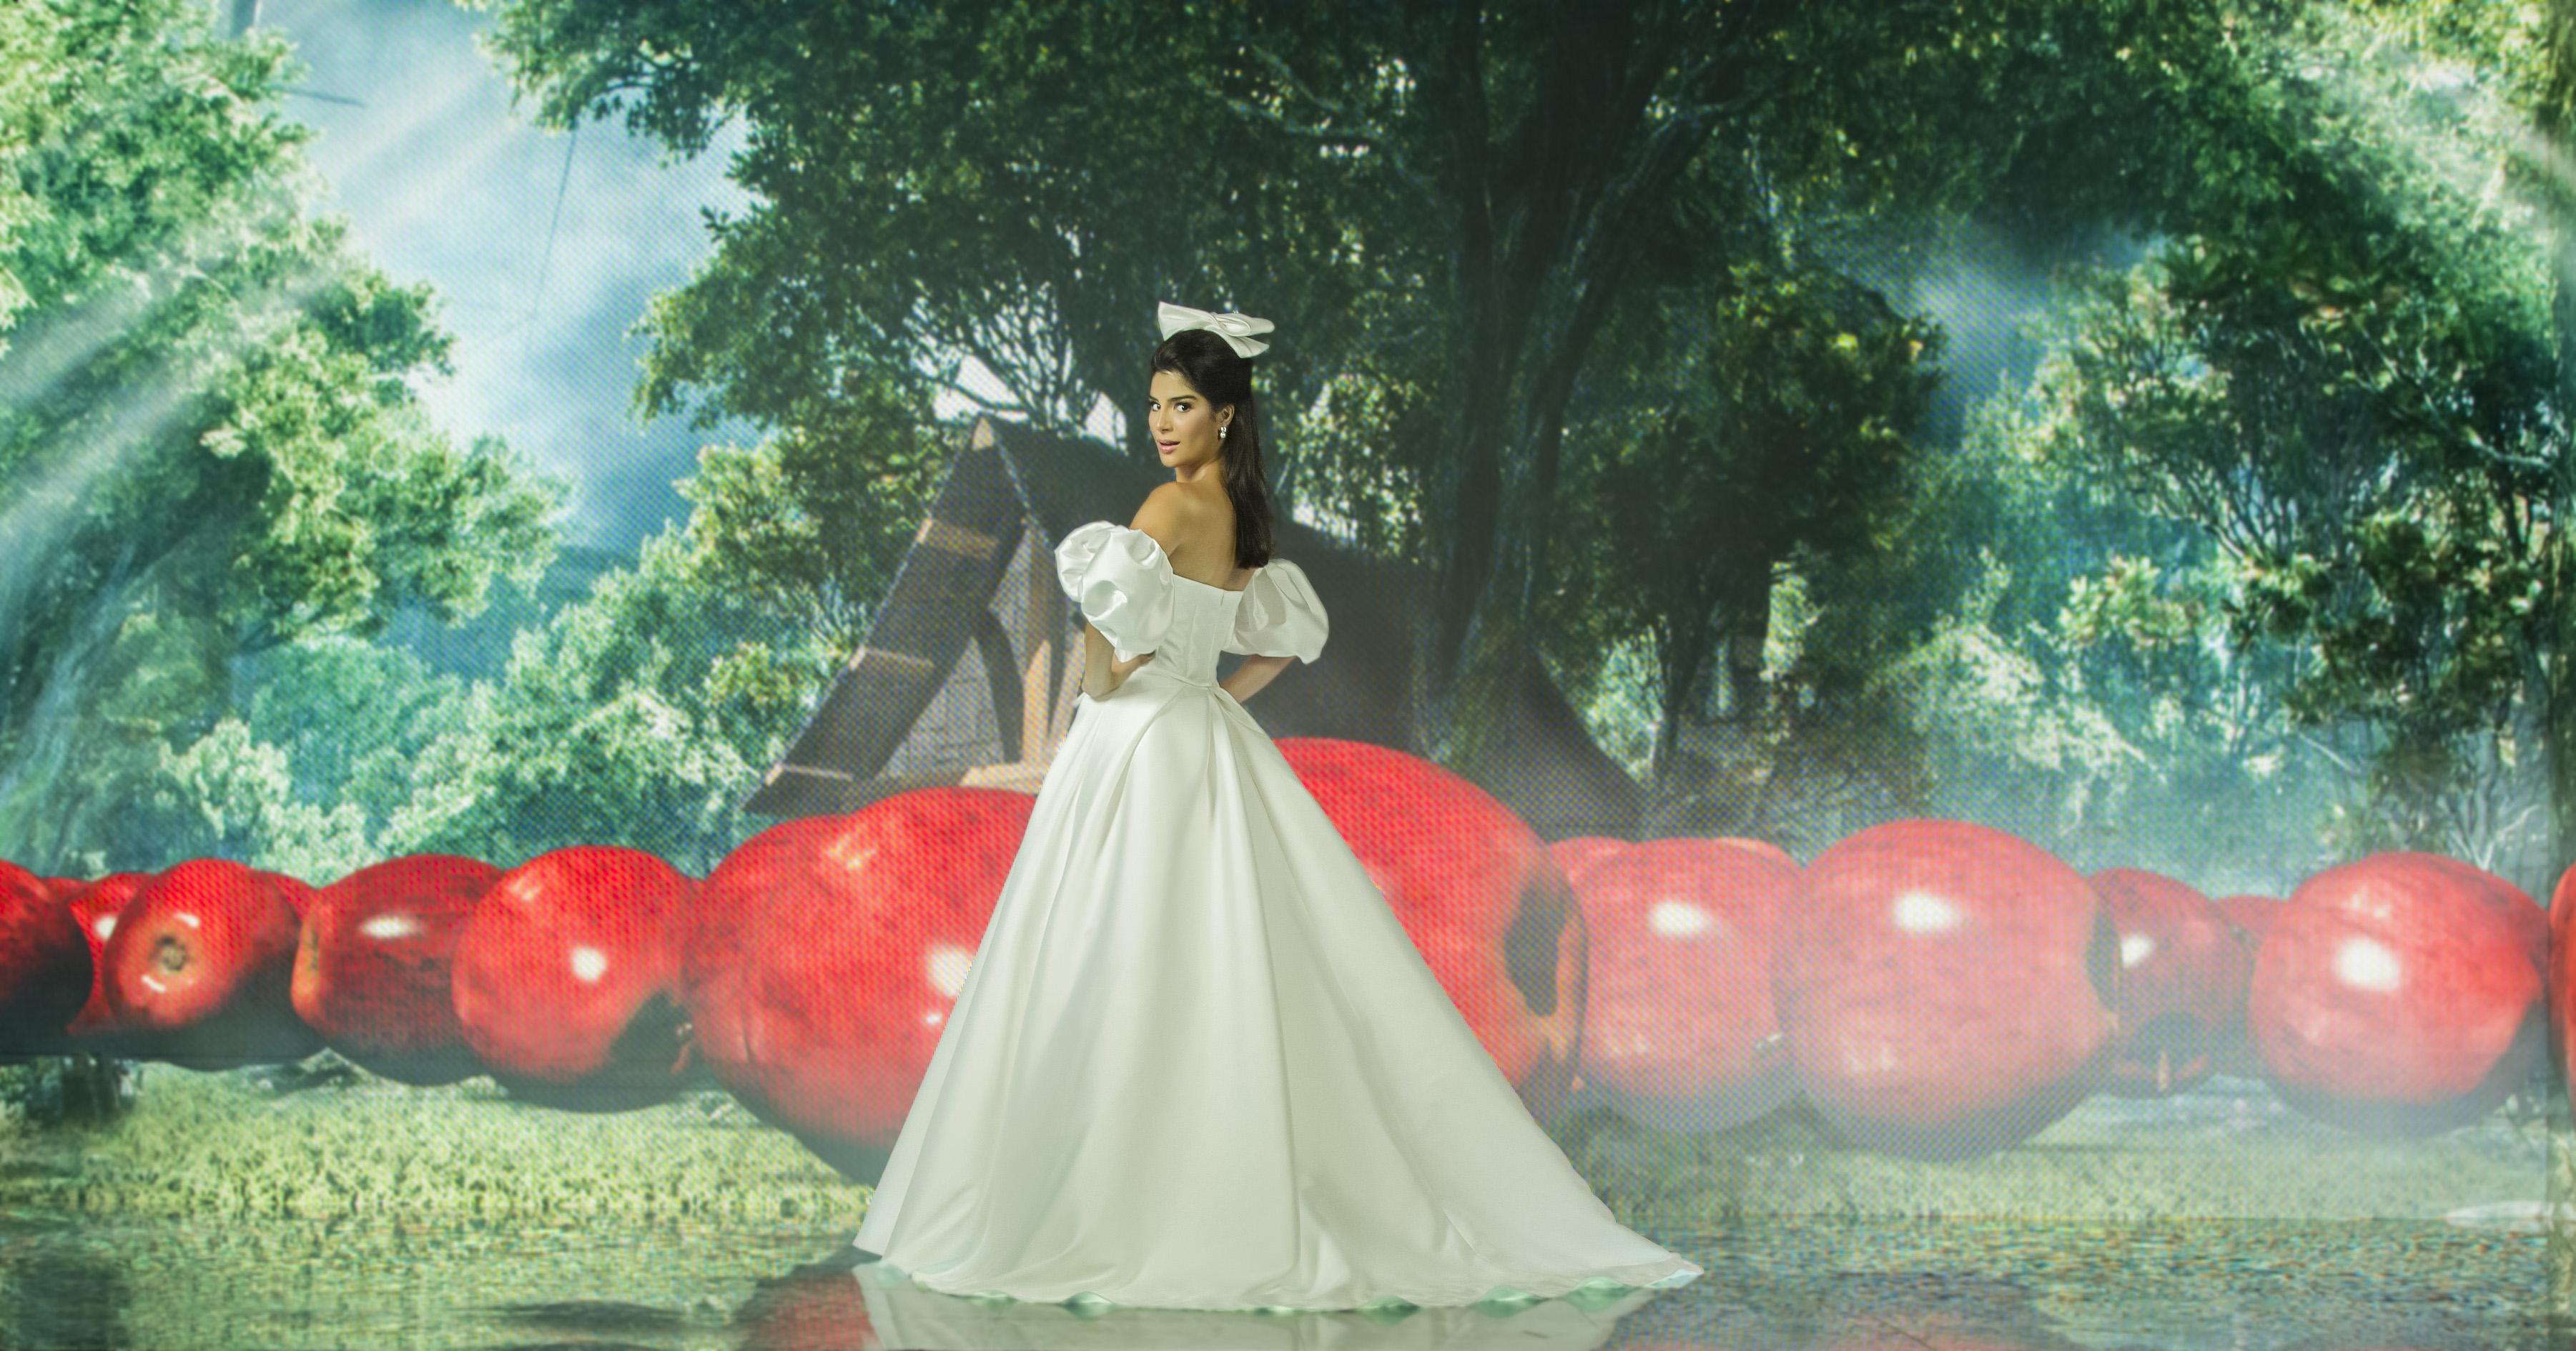 Júlia Horta com vestido inspirado na Branca de Neve. Ela está de costas com o rosto olhando para o lado.